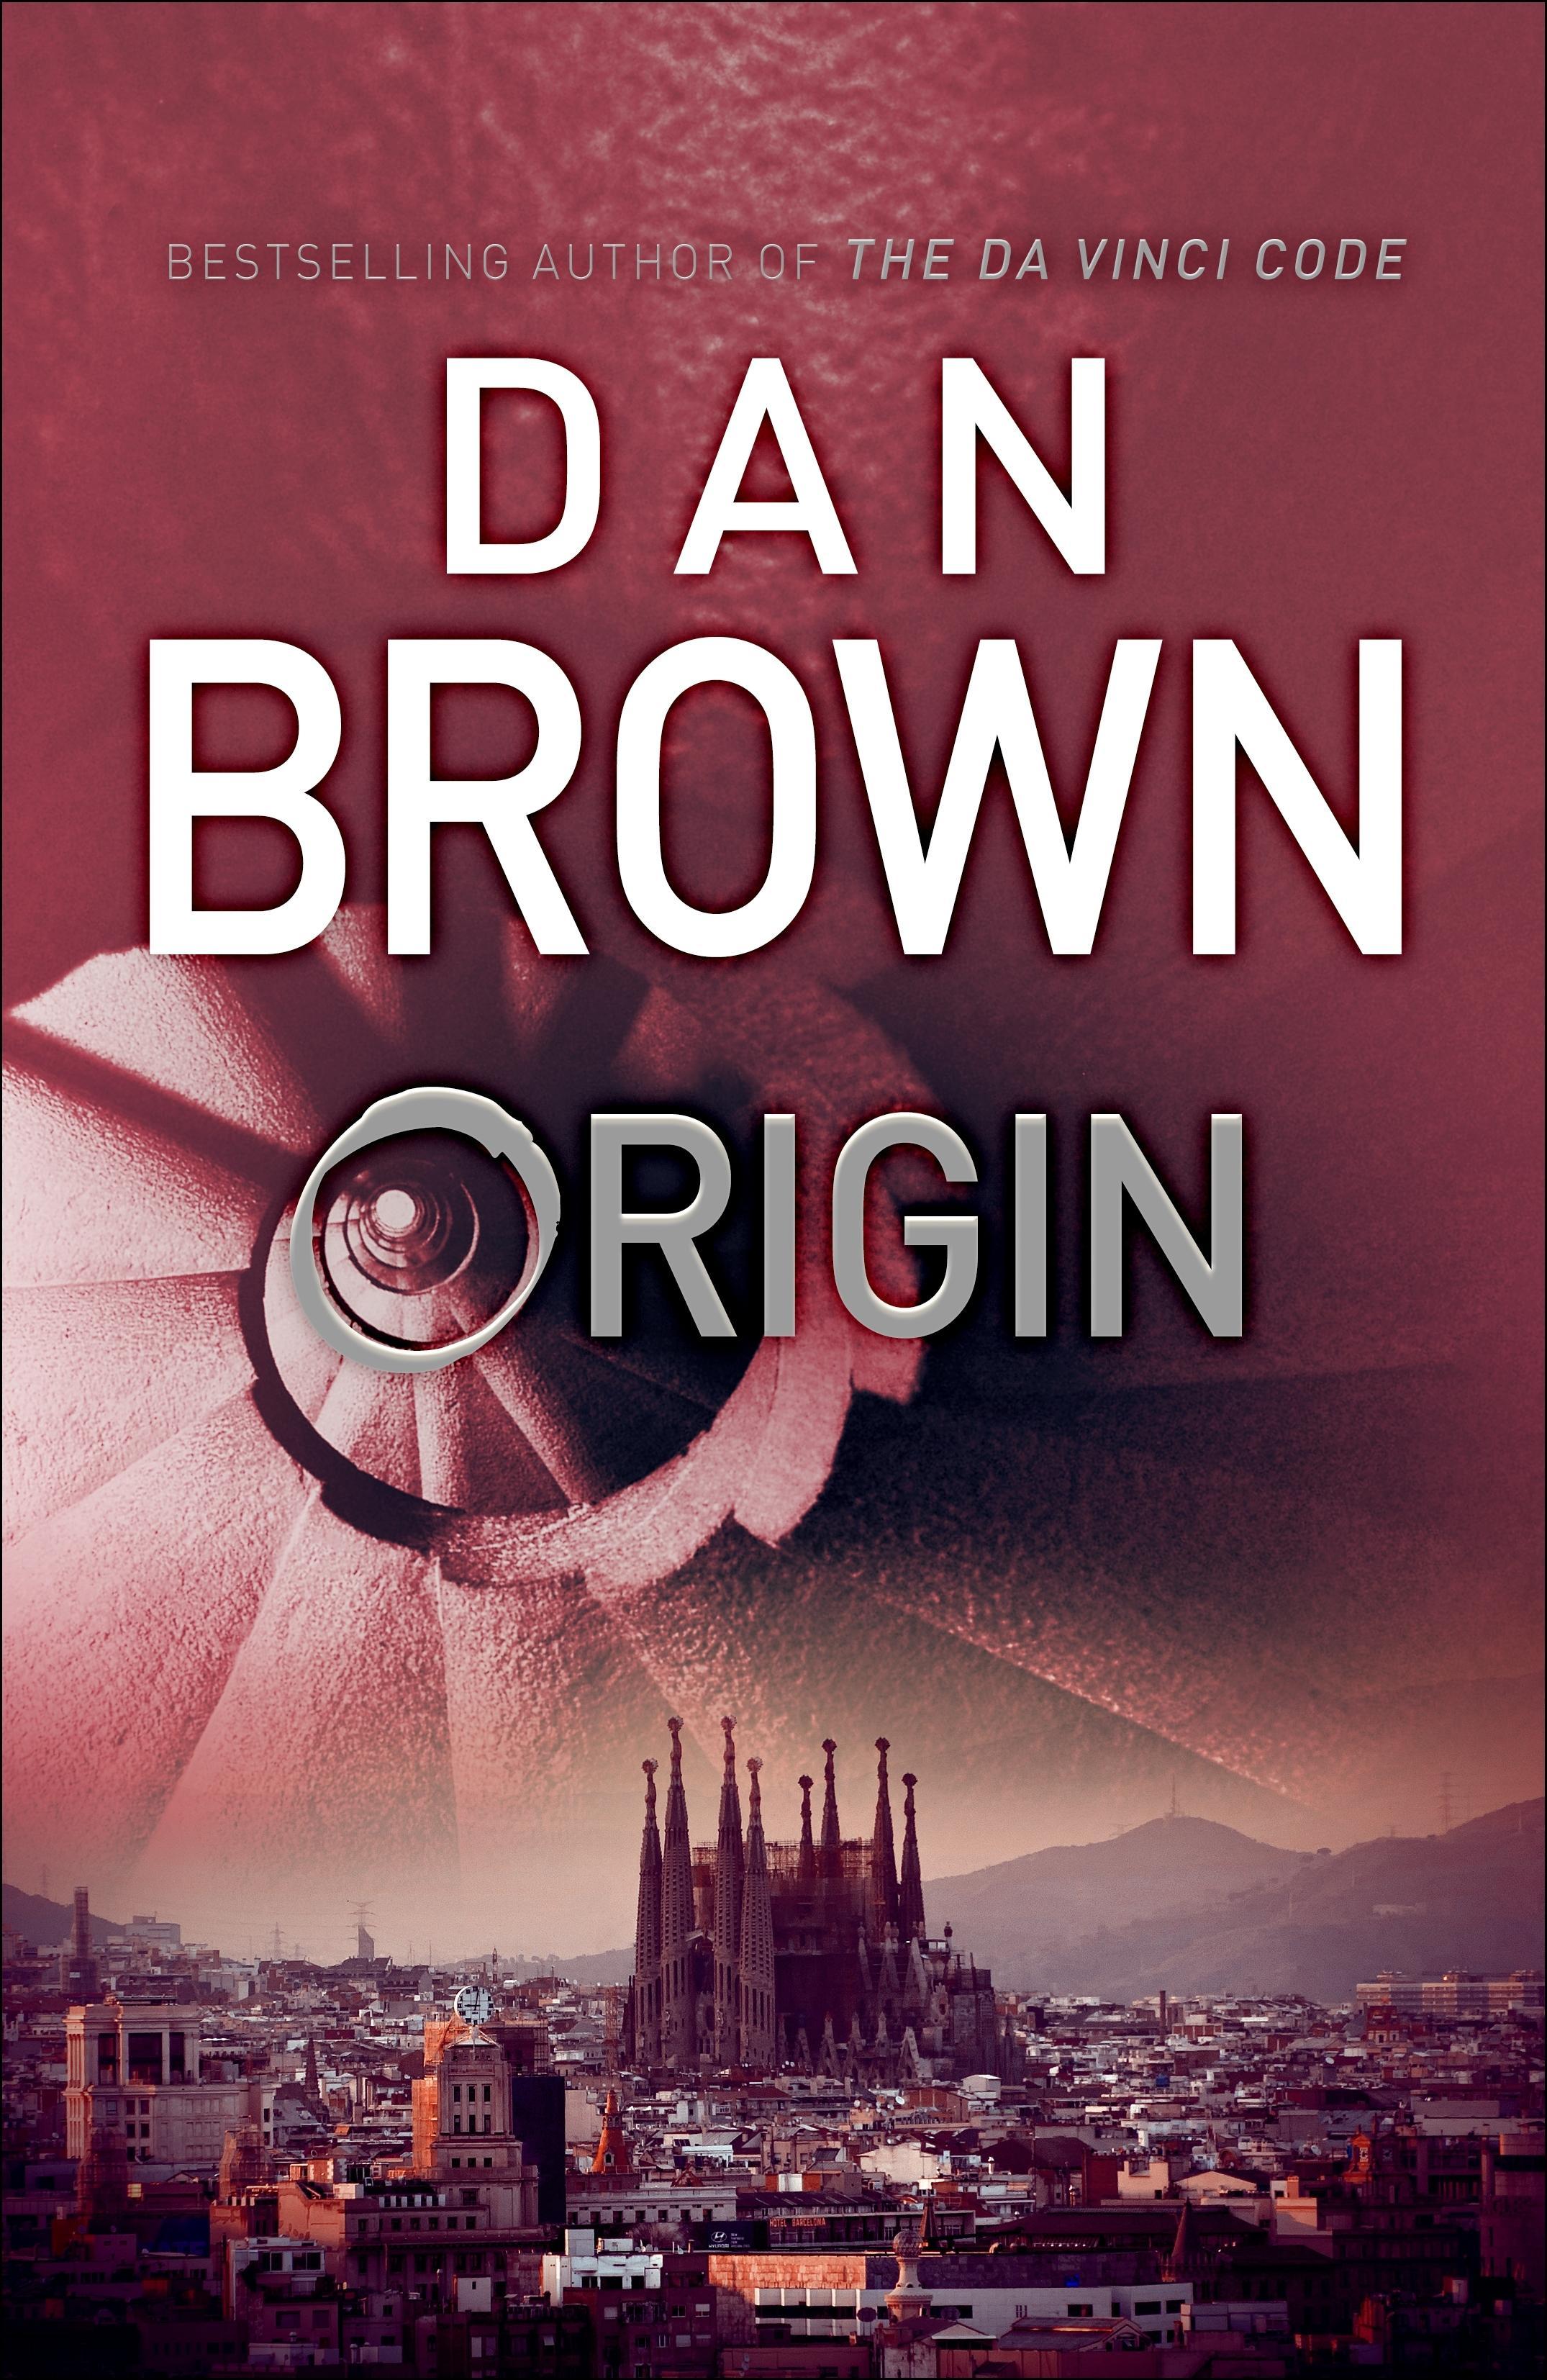 dan brown review